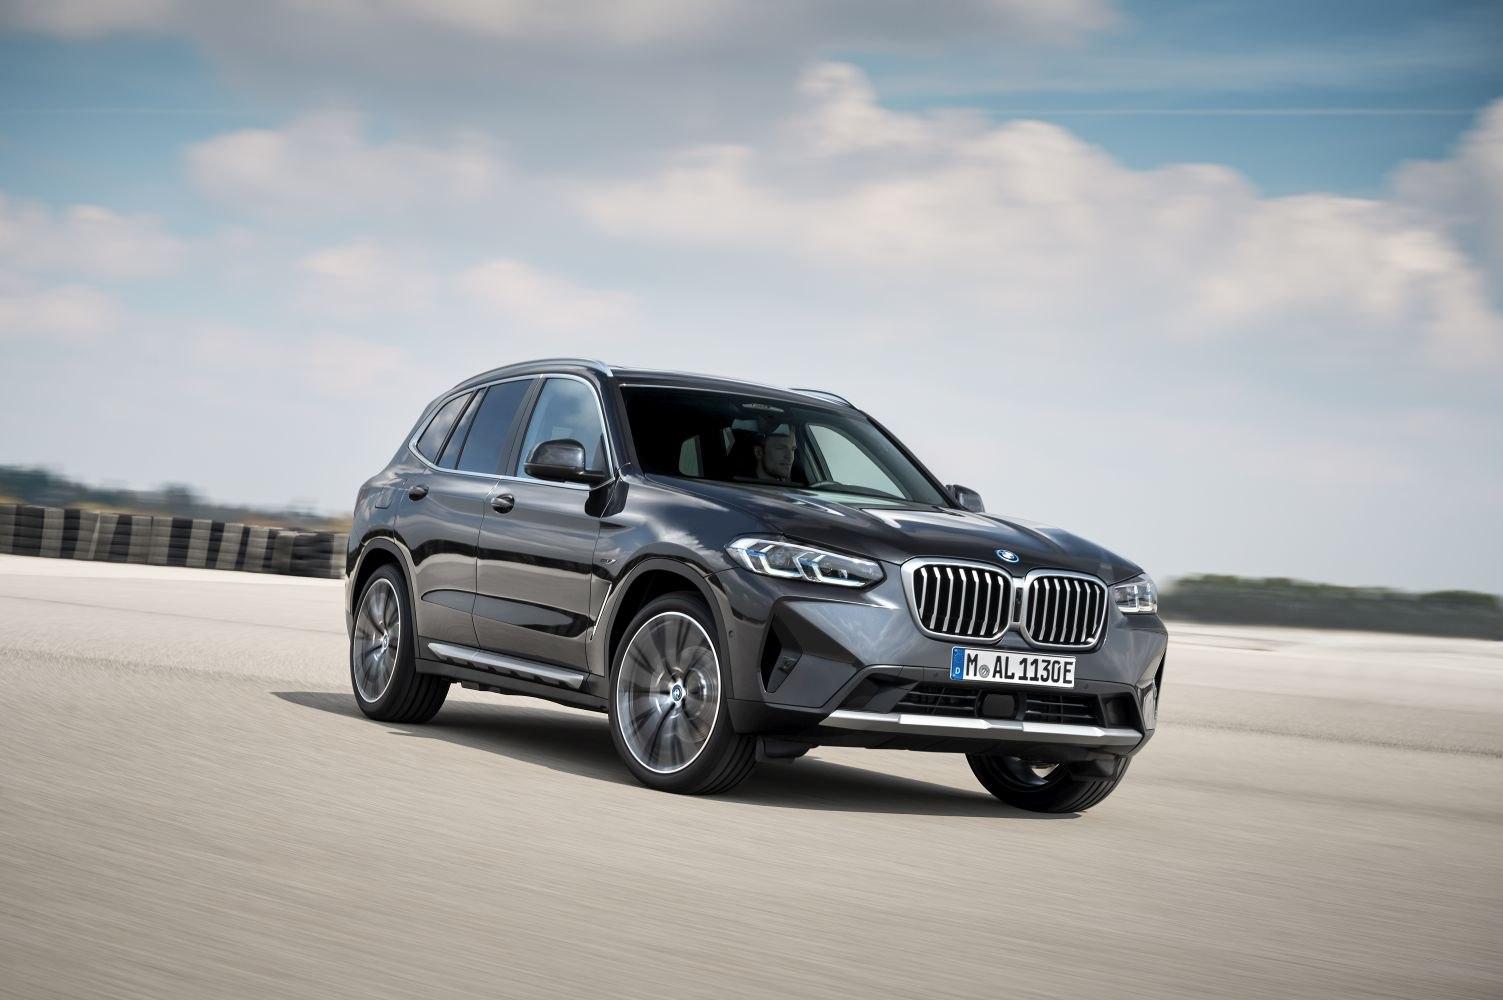 2021 BMW X3 (G01 LCI, facelift 2021) M40d (340 PS) MHEV ...